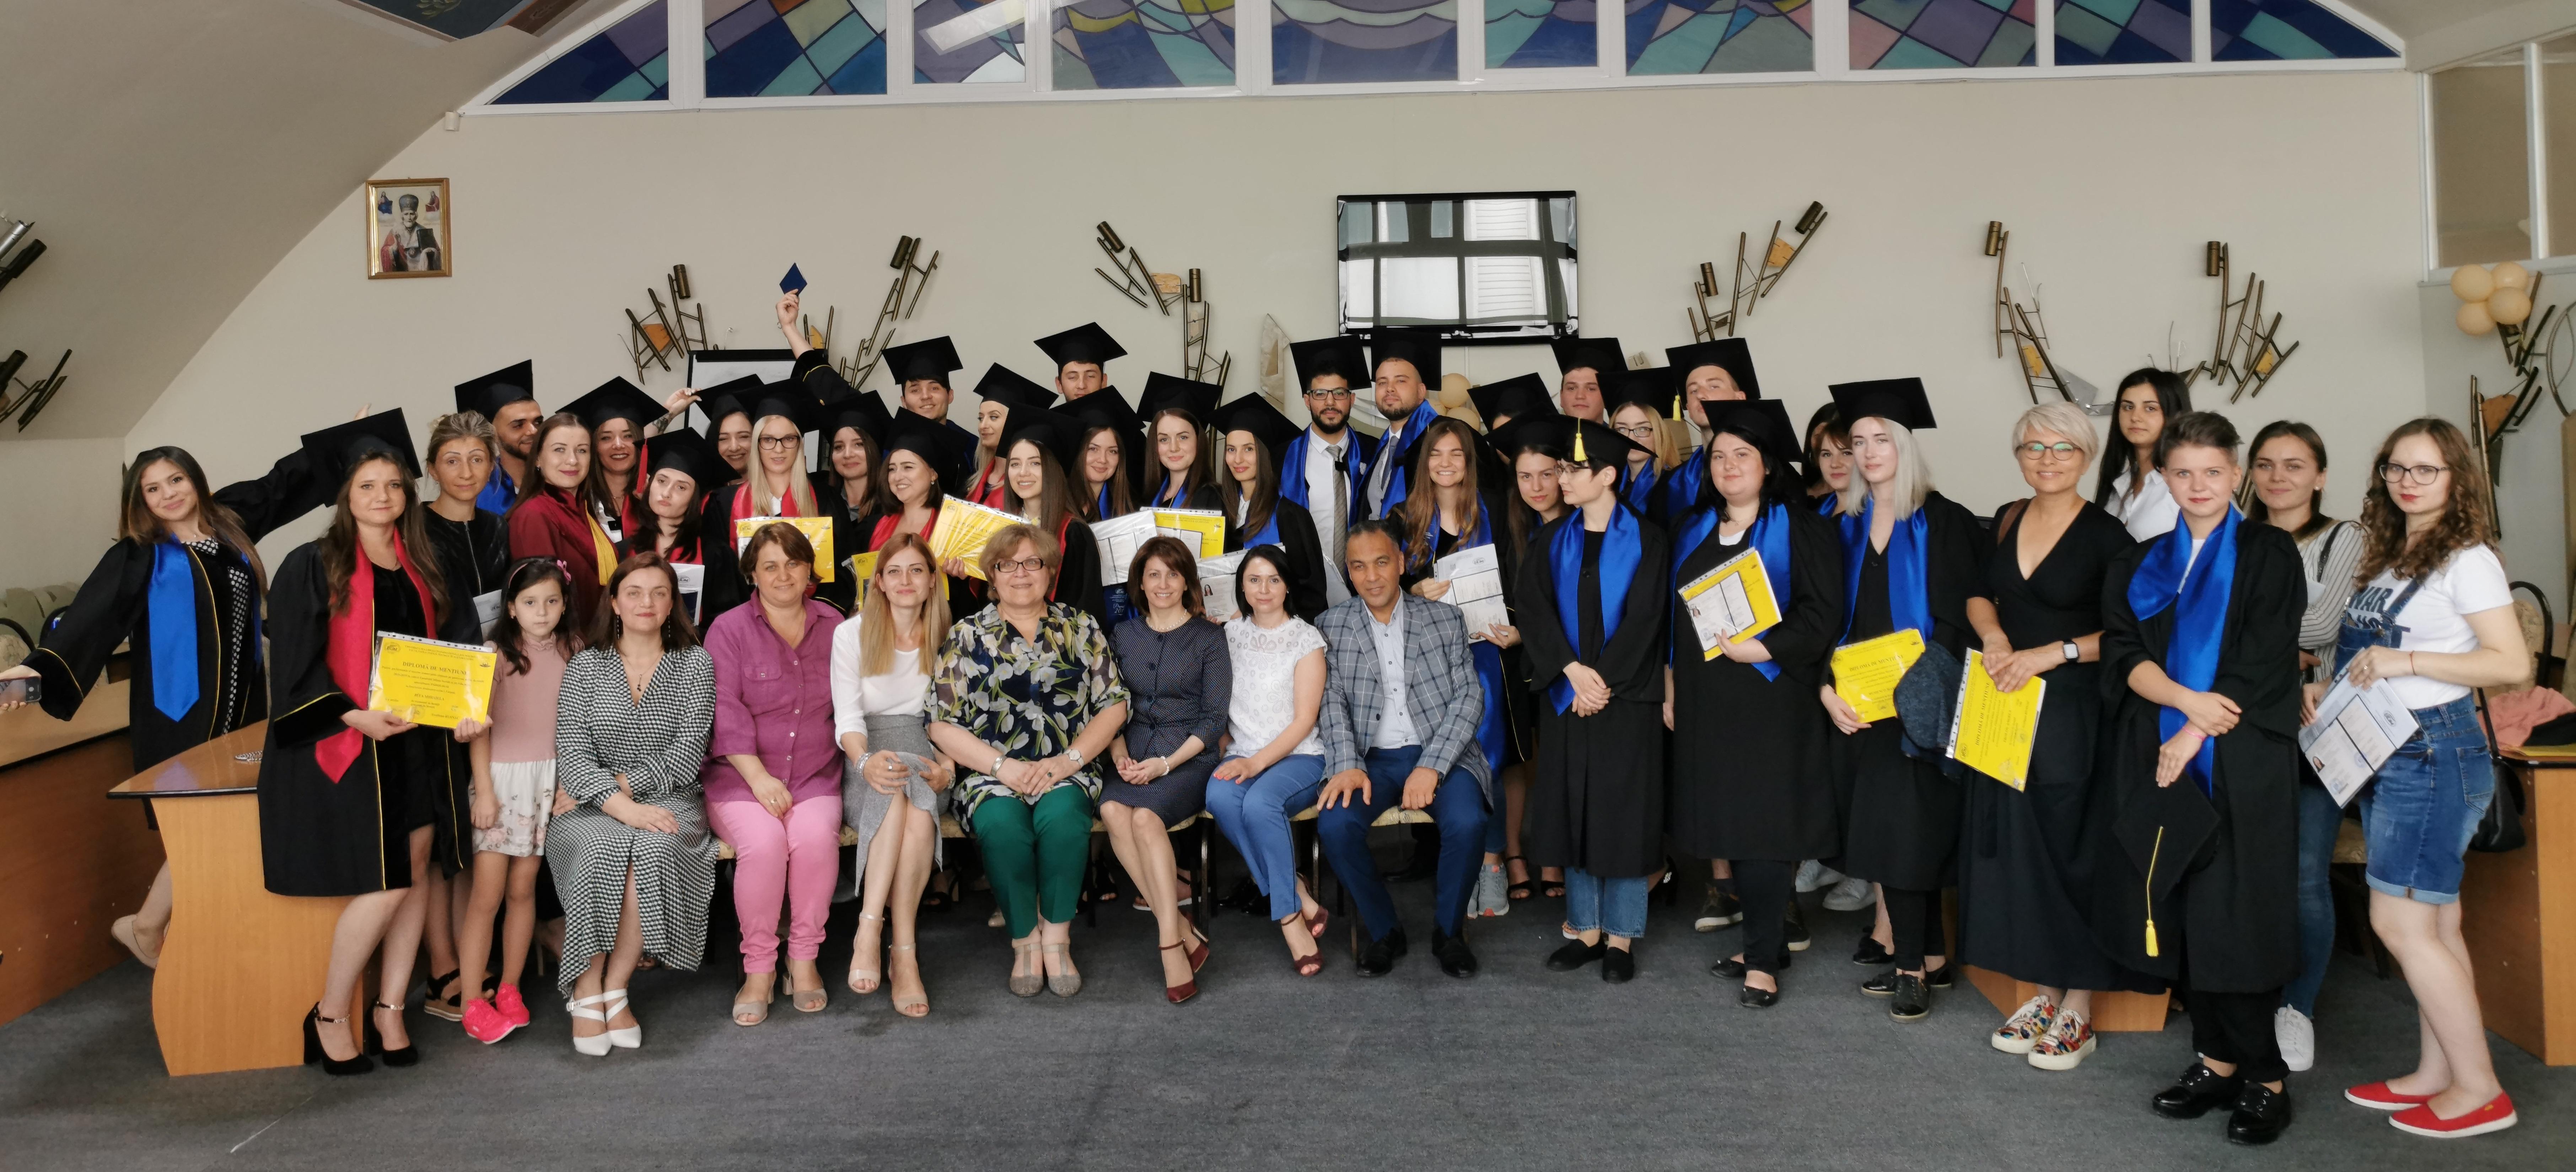 Ceremonia de decernare a Diplomelor de Licență la Facultatea Științe Sociale și ale Educației